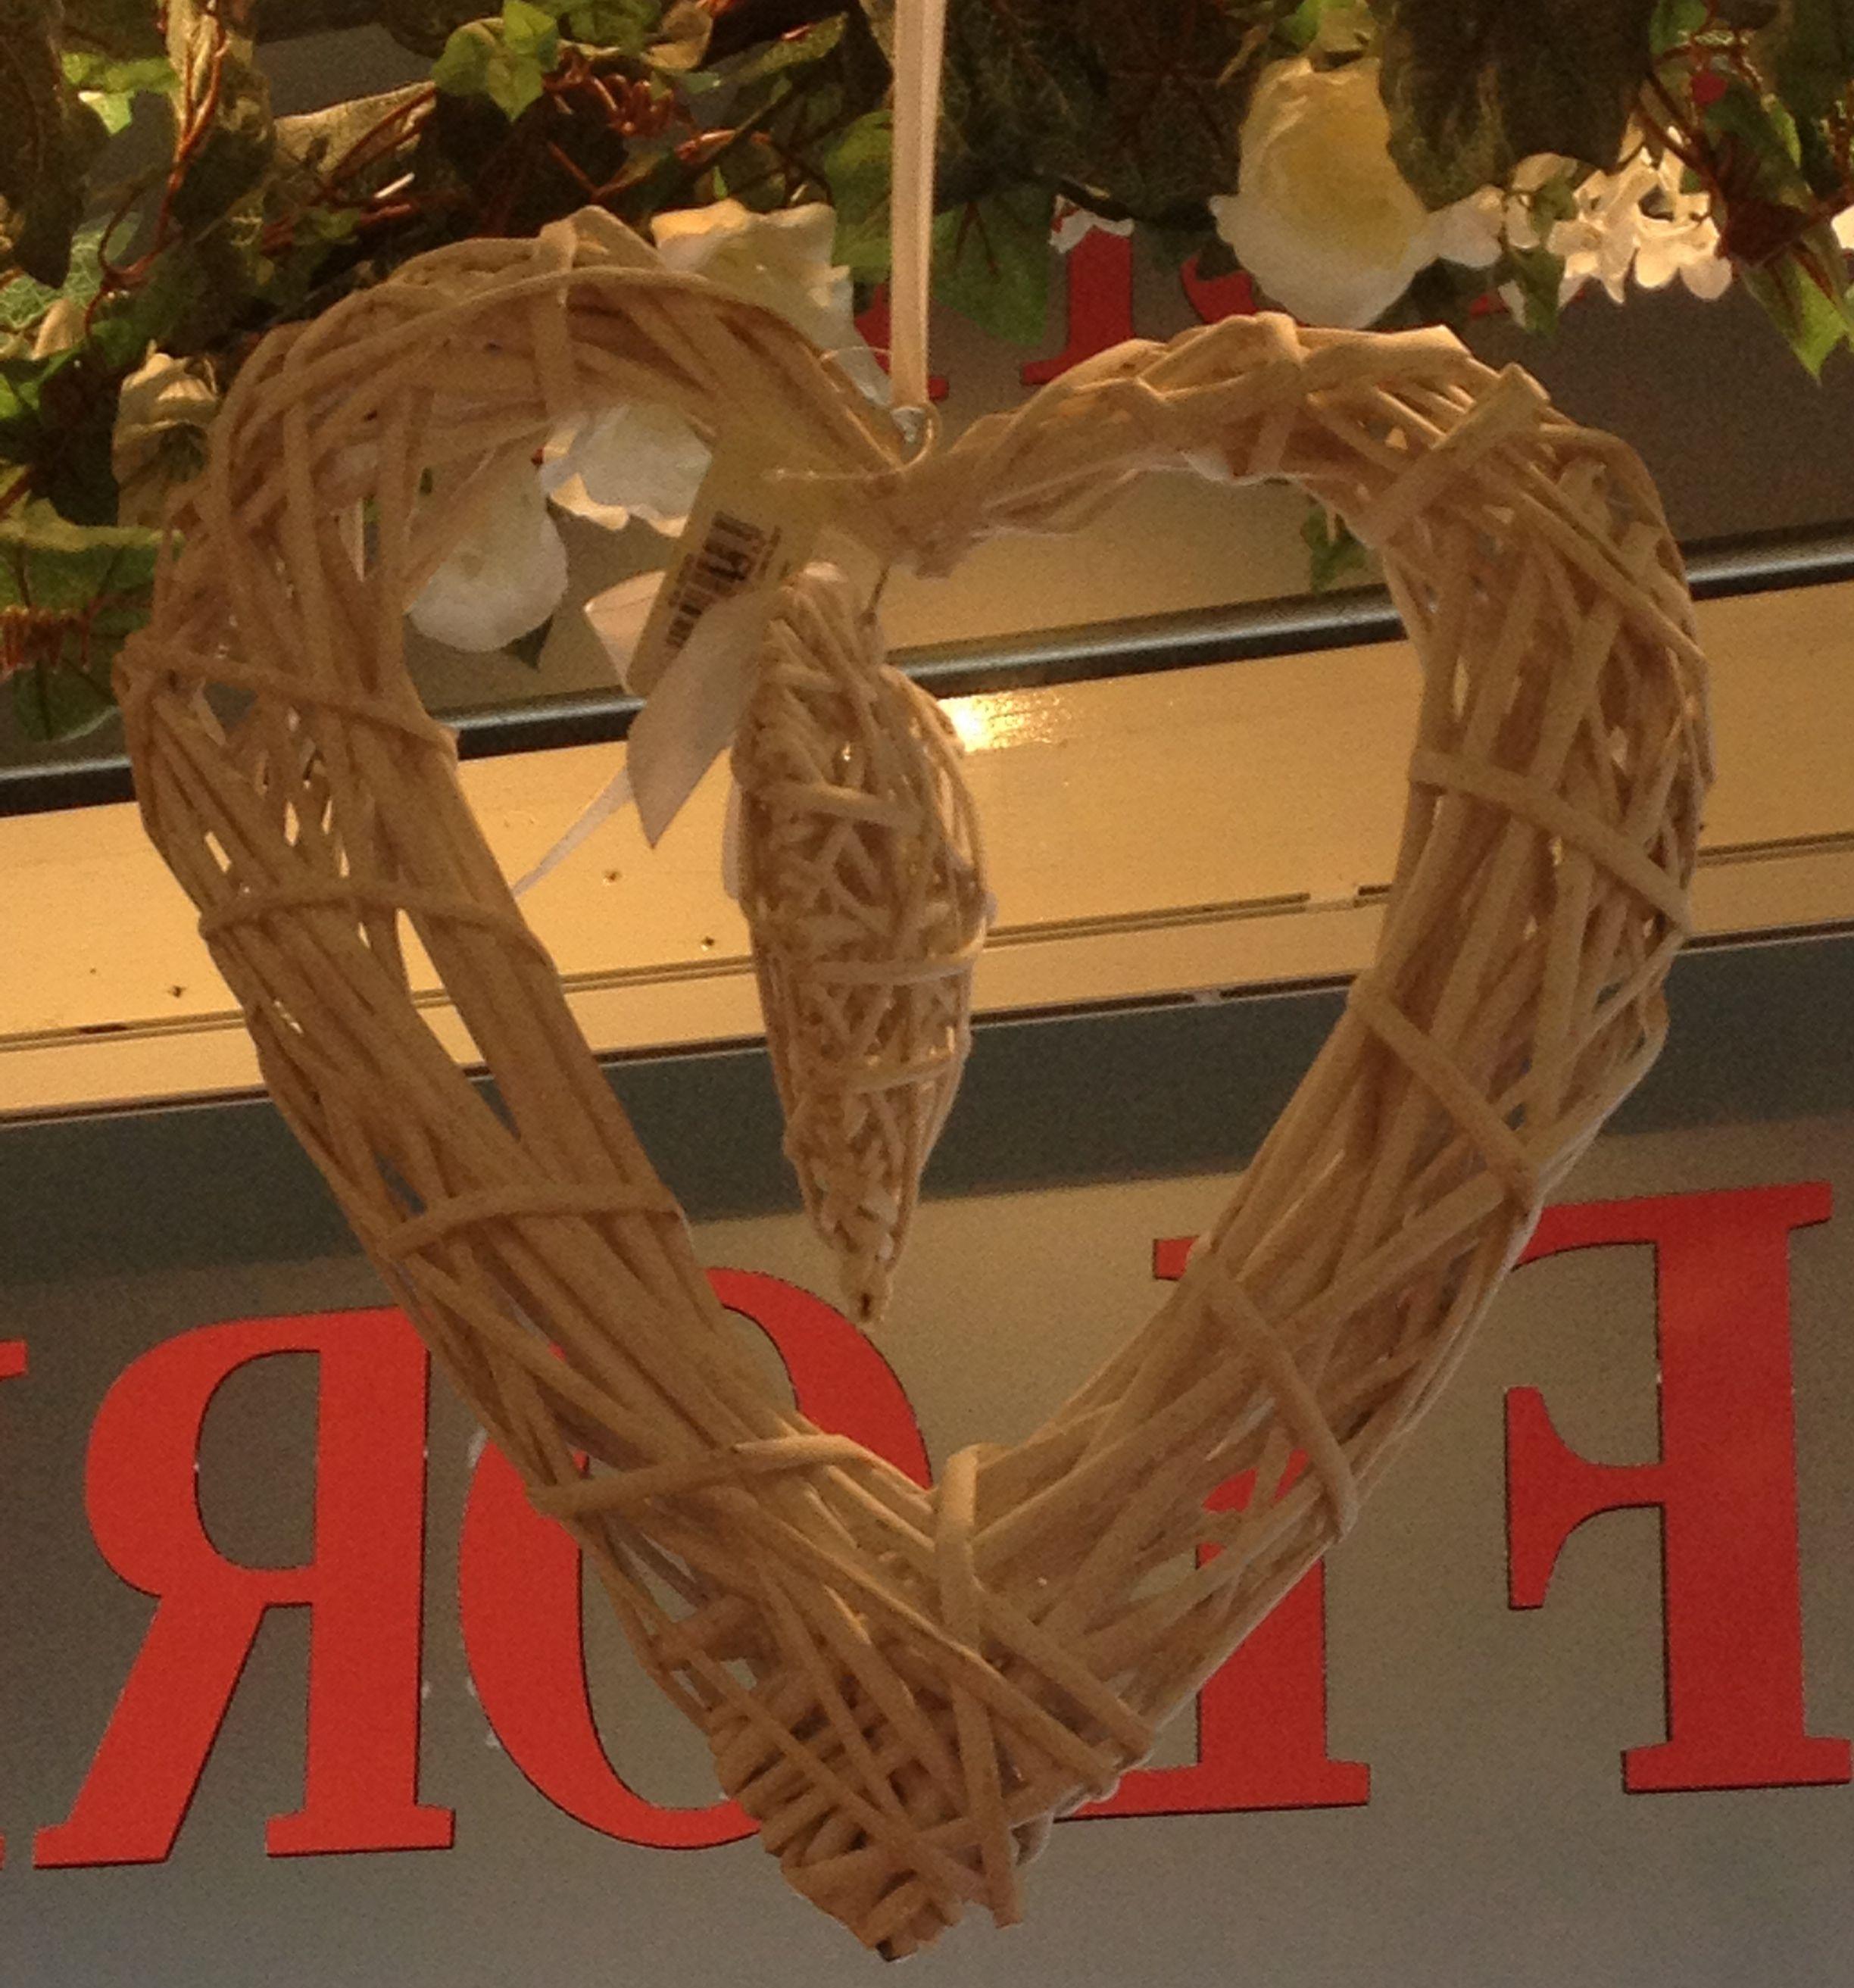 White Wicker Heart